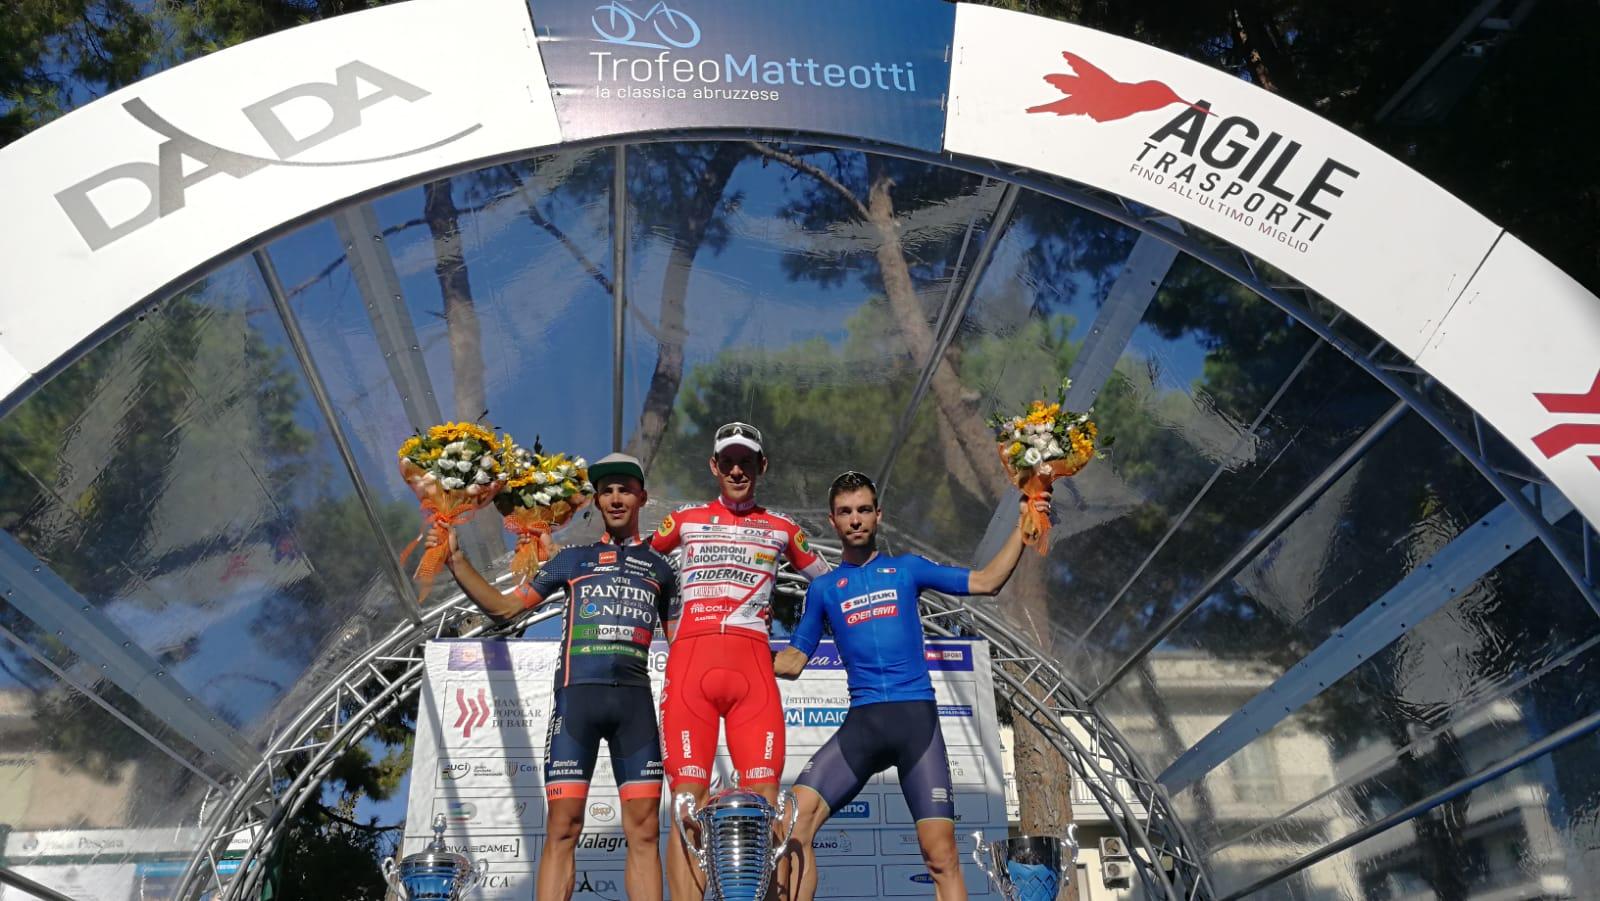 Il podio del Trofeo Matteotti 2018 vinto da Davide Ballerini